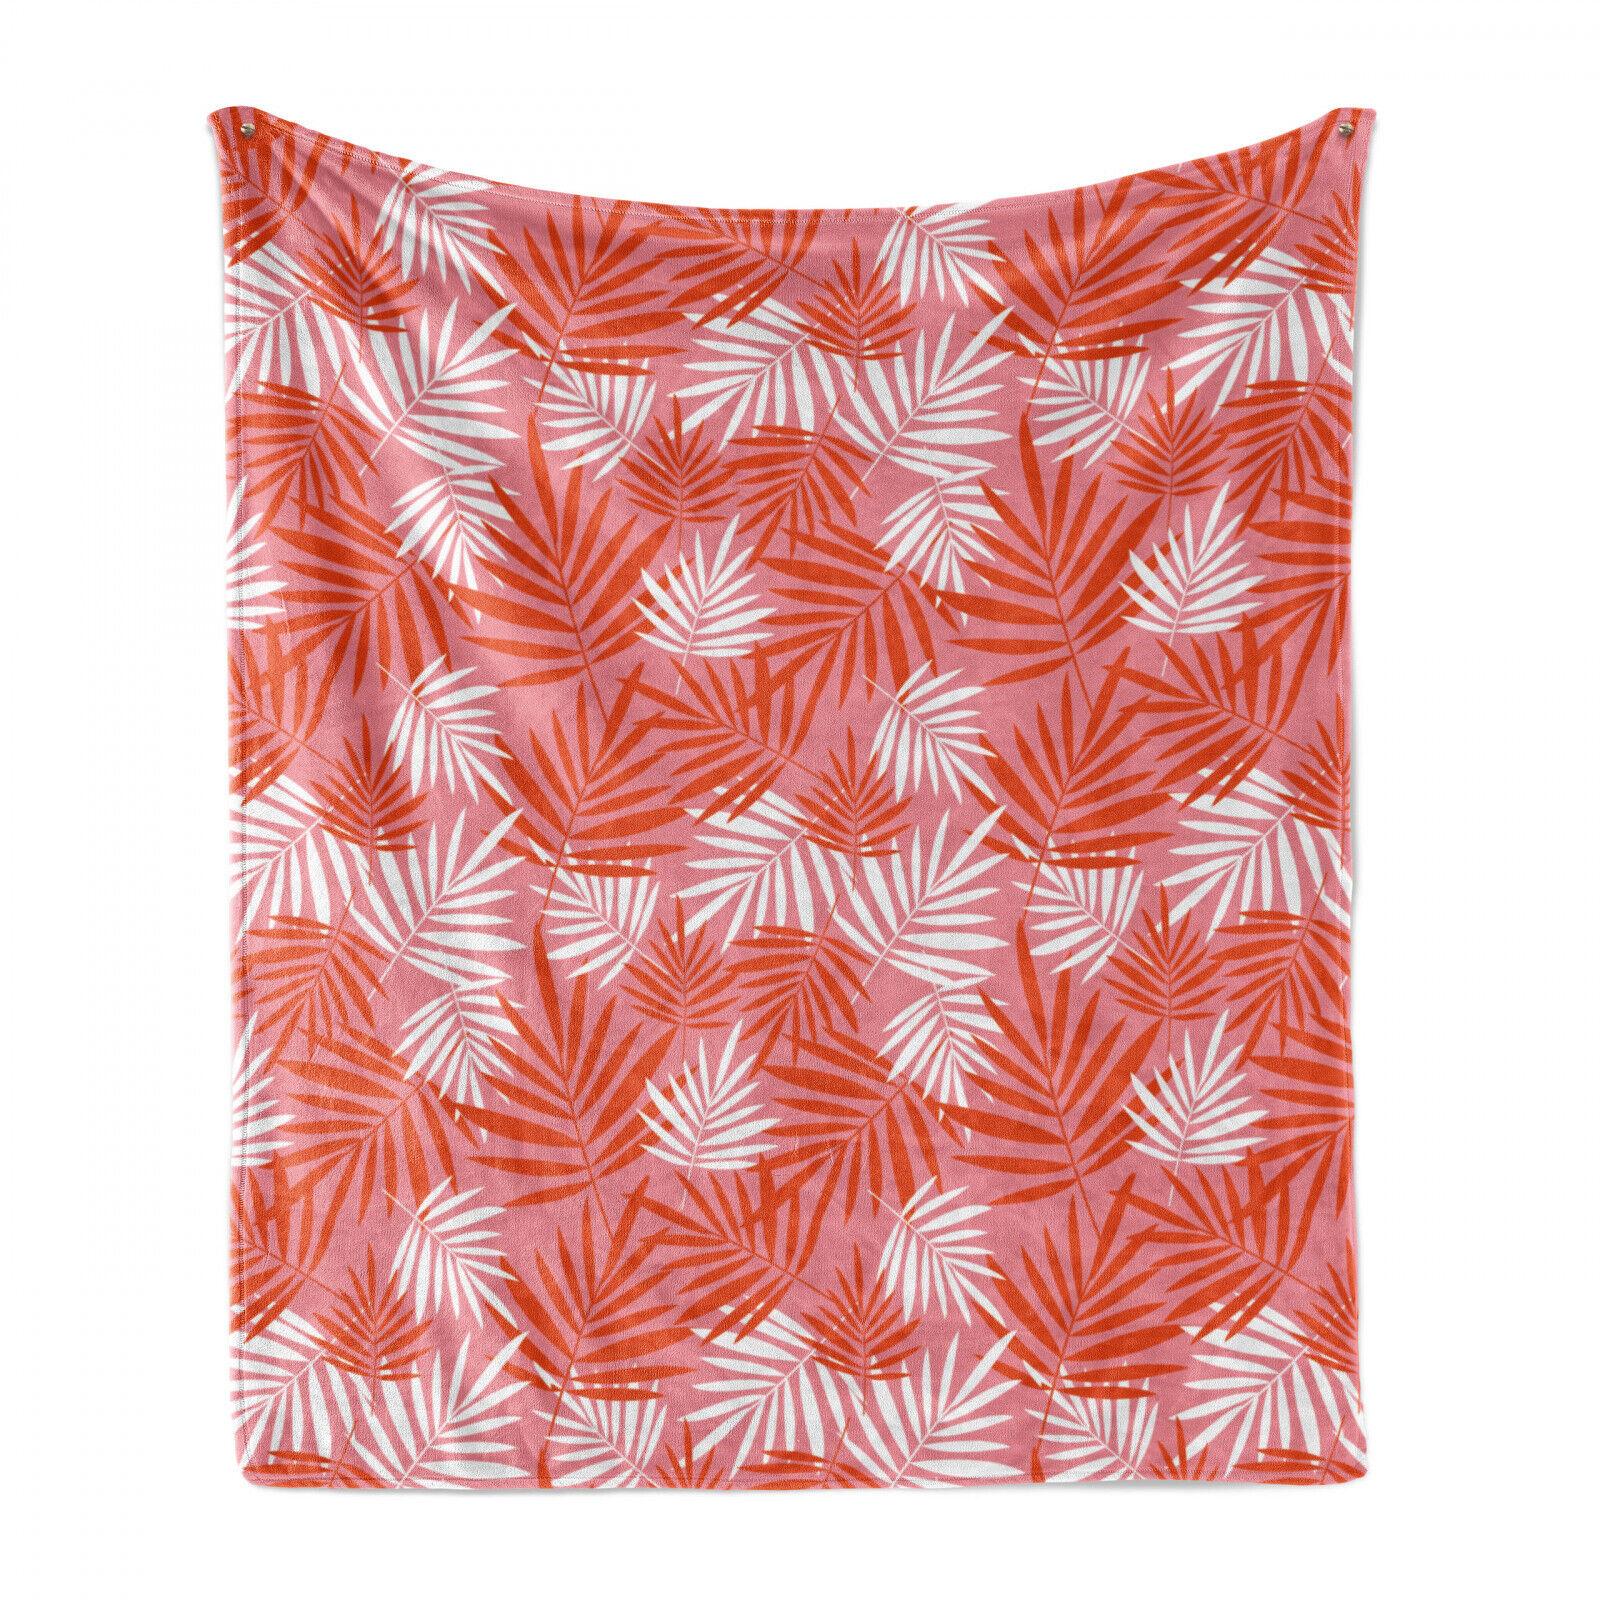 Exotisch Weich Flanell Fleece Decke Vibrant Tropical Palmblätter